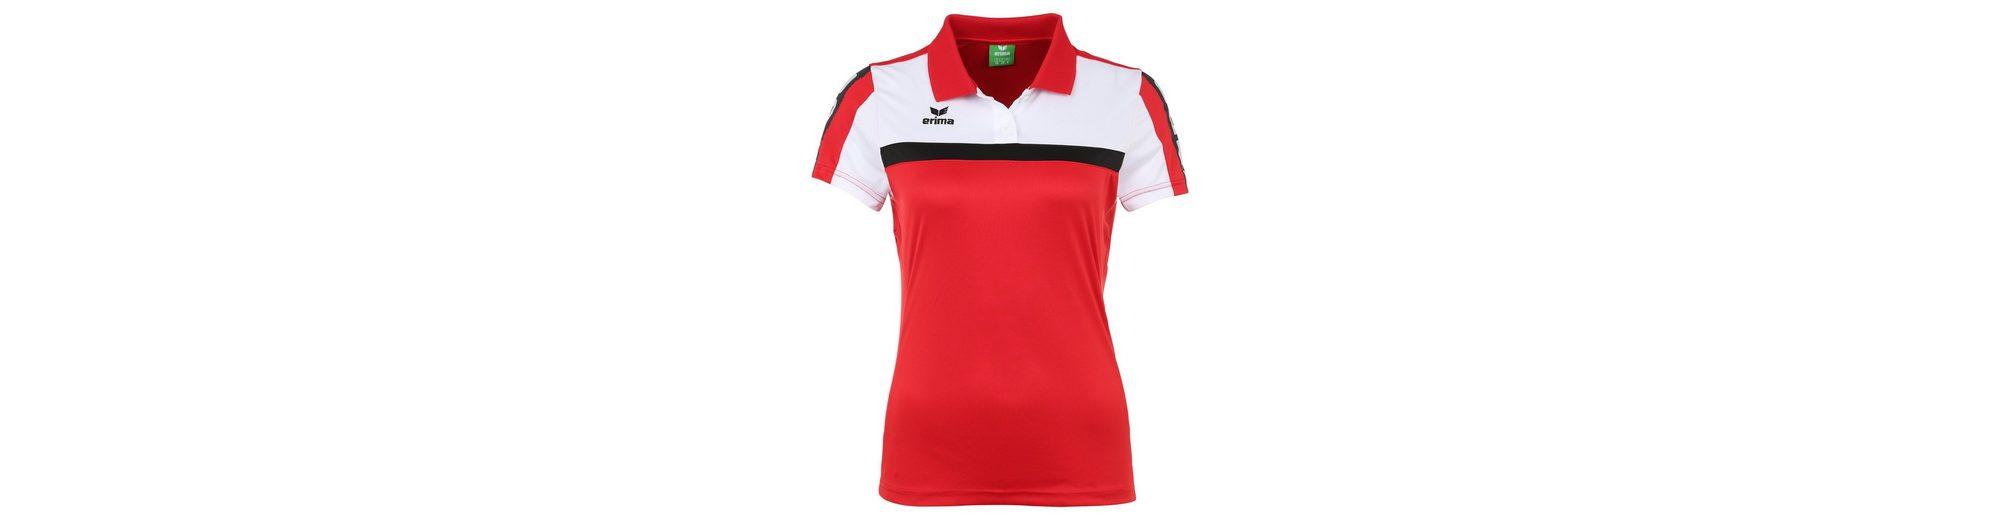 ERIMA 5-CUBES Poloshirt Damen Kaufen Billig Ausverkauf Geniue Händler Verkauf Online Kaufen Authentische Online xc45dLodf